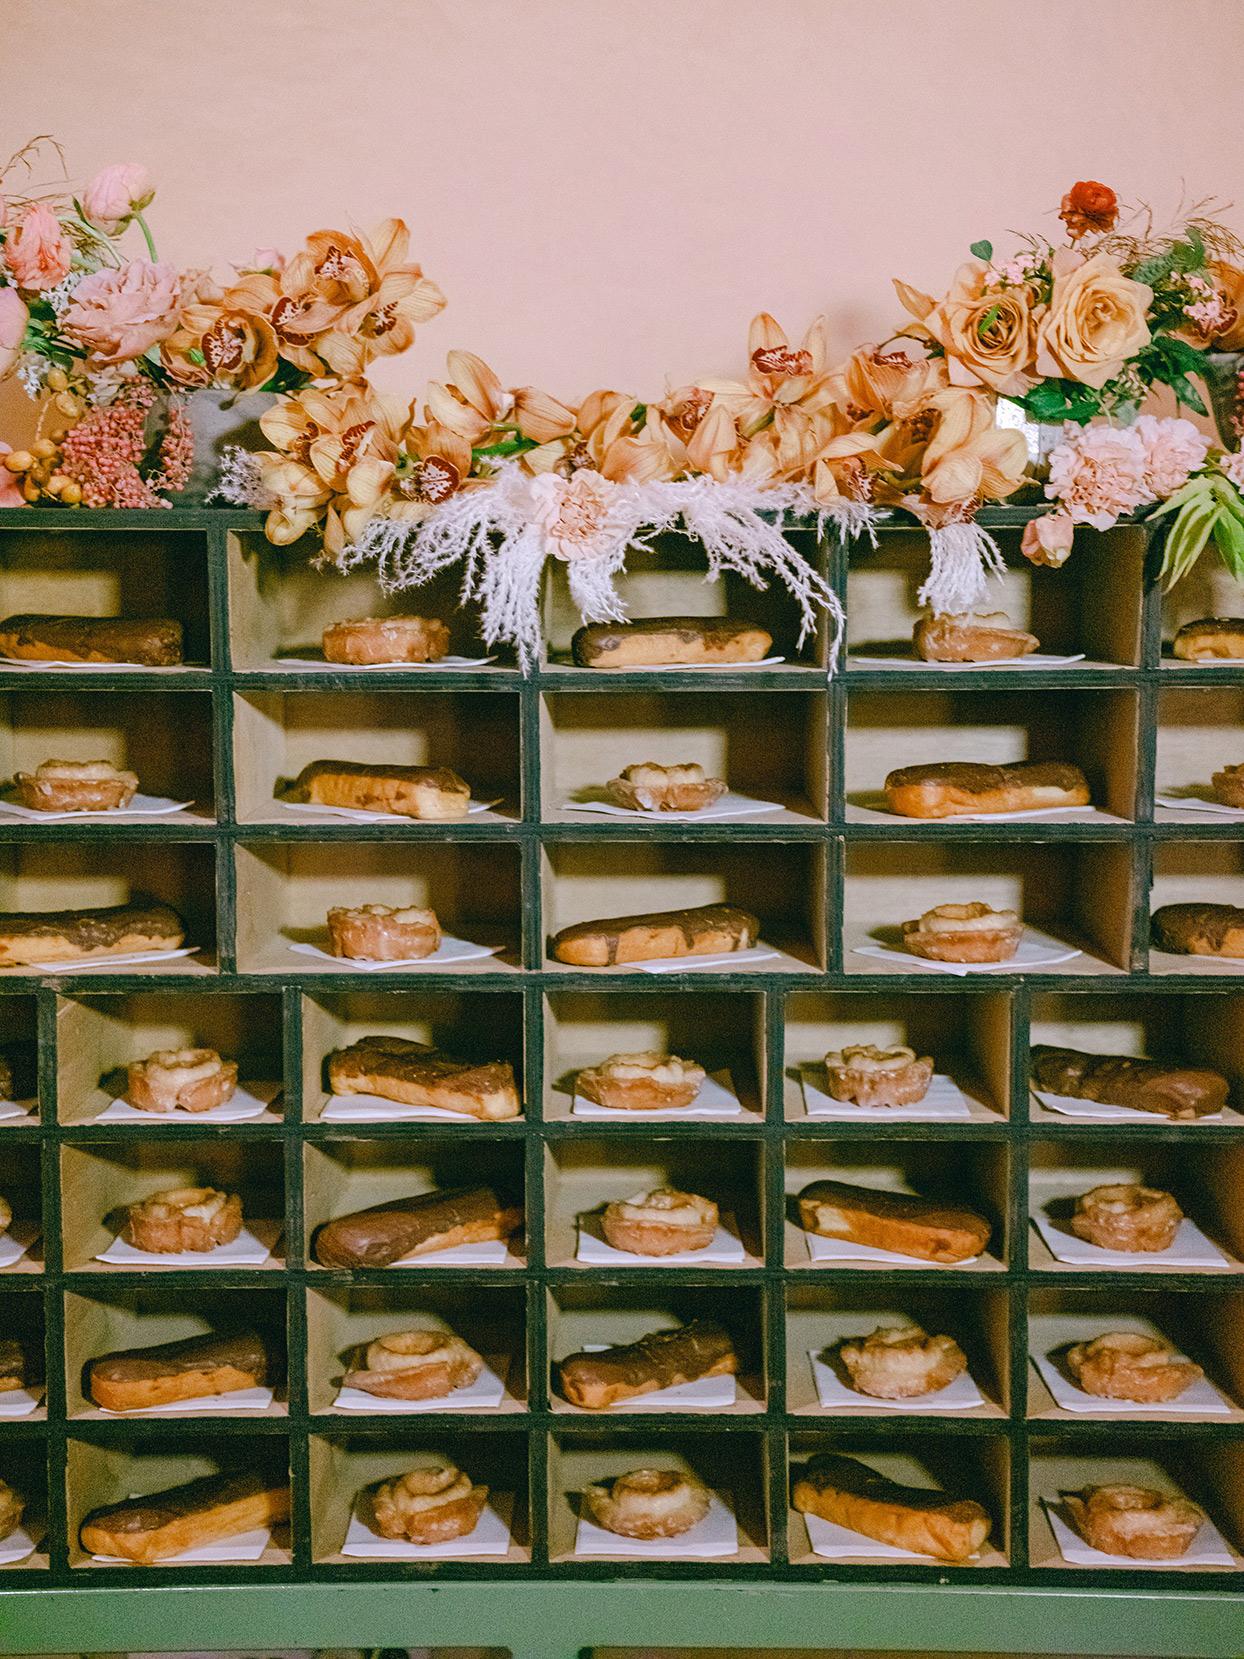 antique wooden shelf with wedding dessert pastries